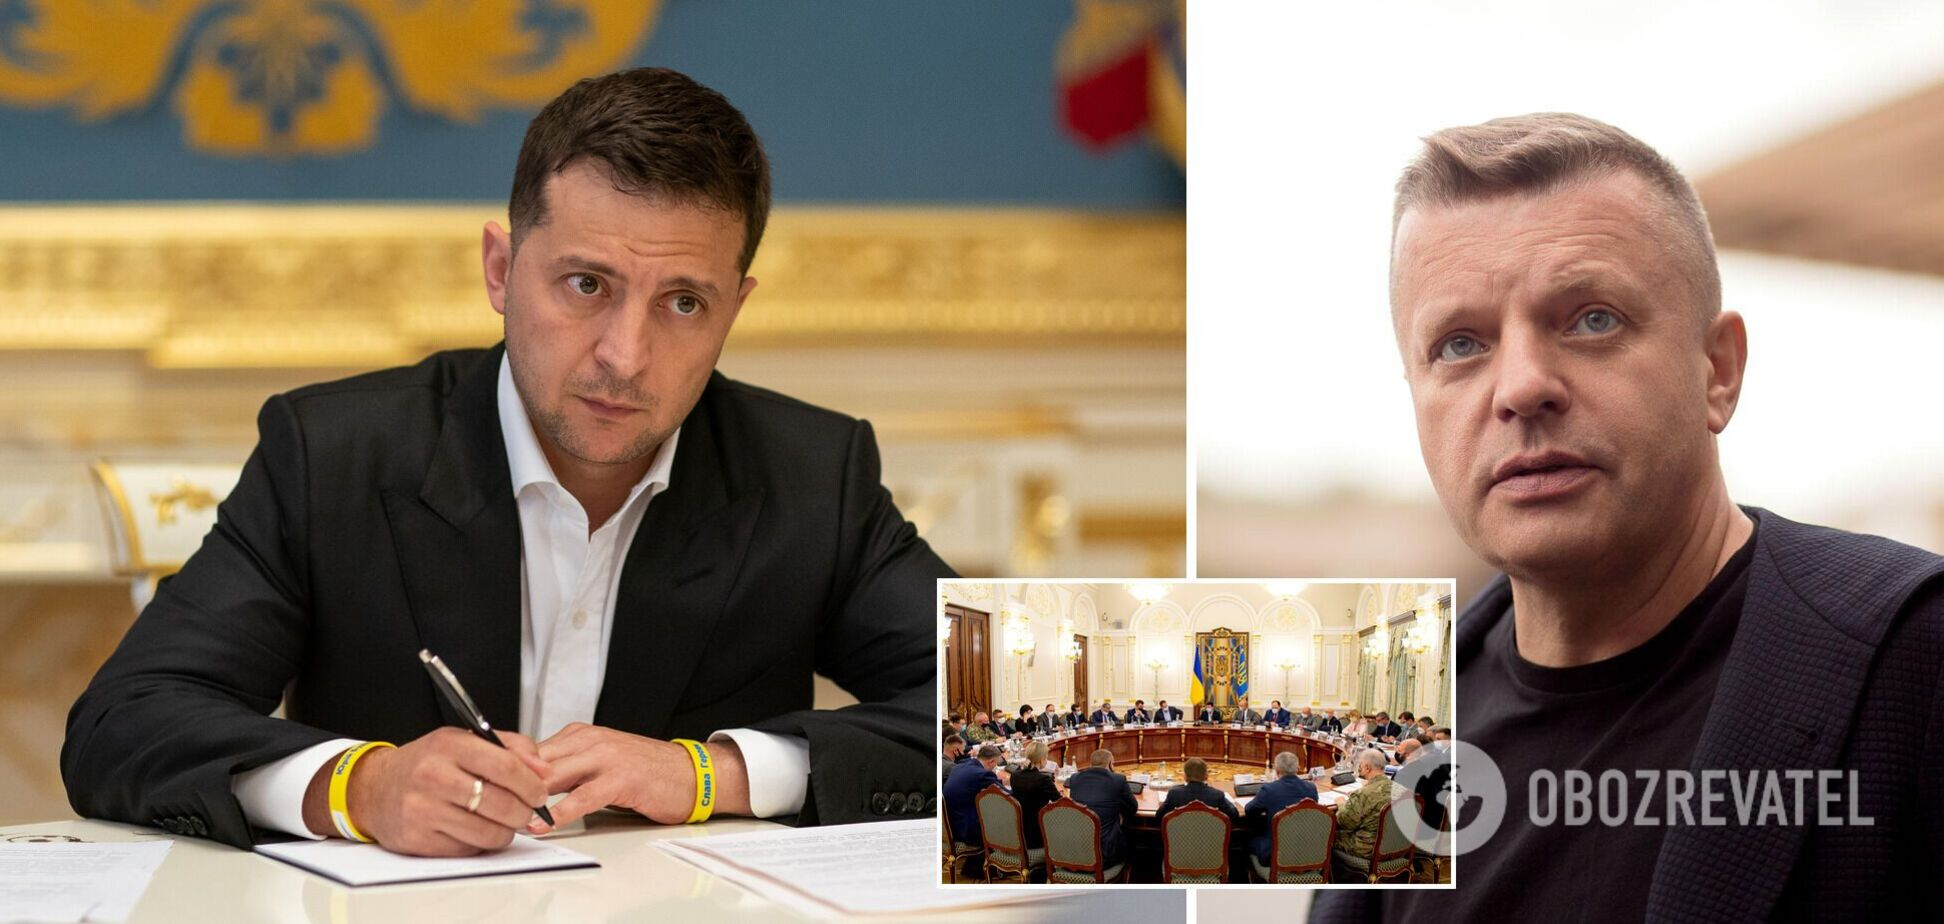 Новости Украины: Зеленский утвердил решения СНБО, а российский журналист попал в базу 'Миротворца'